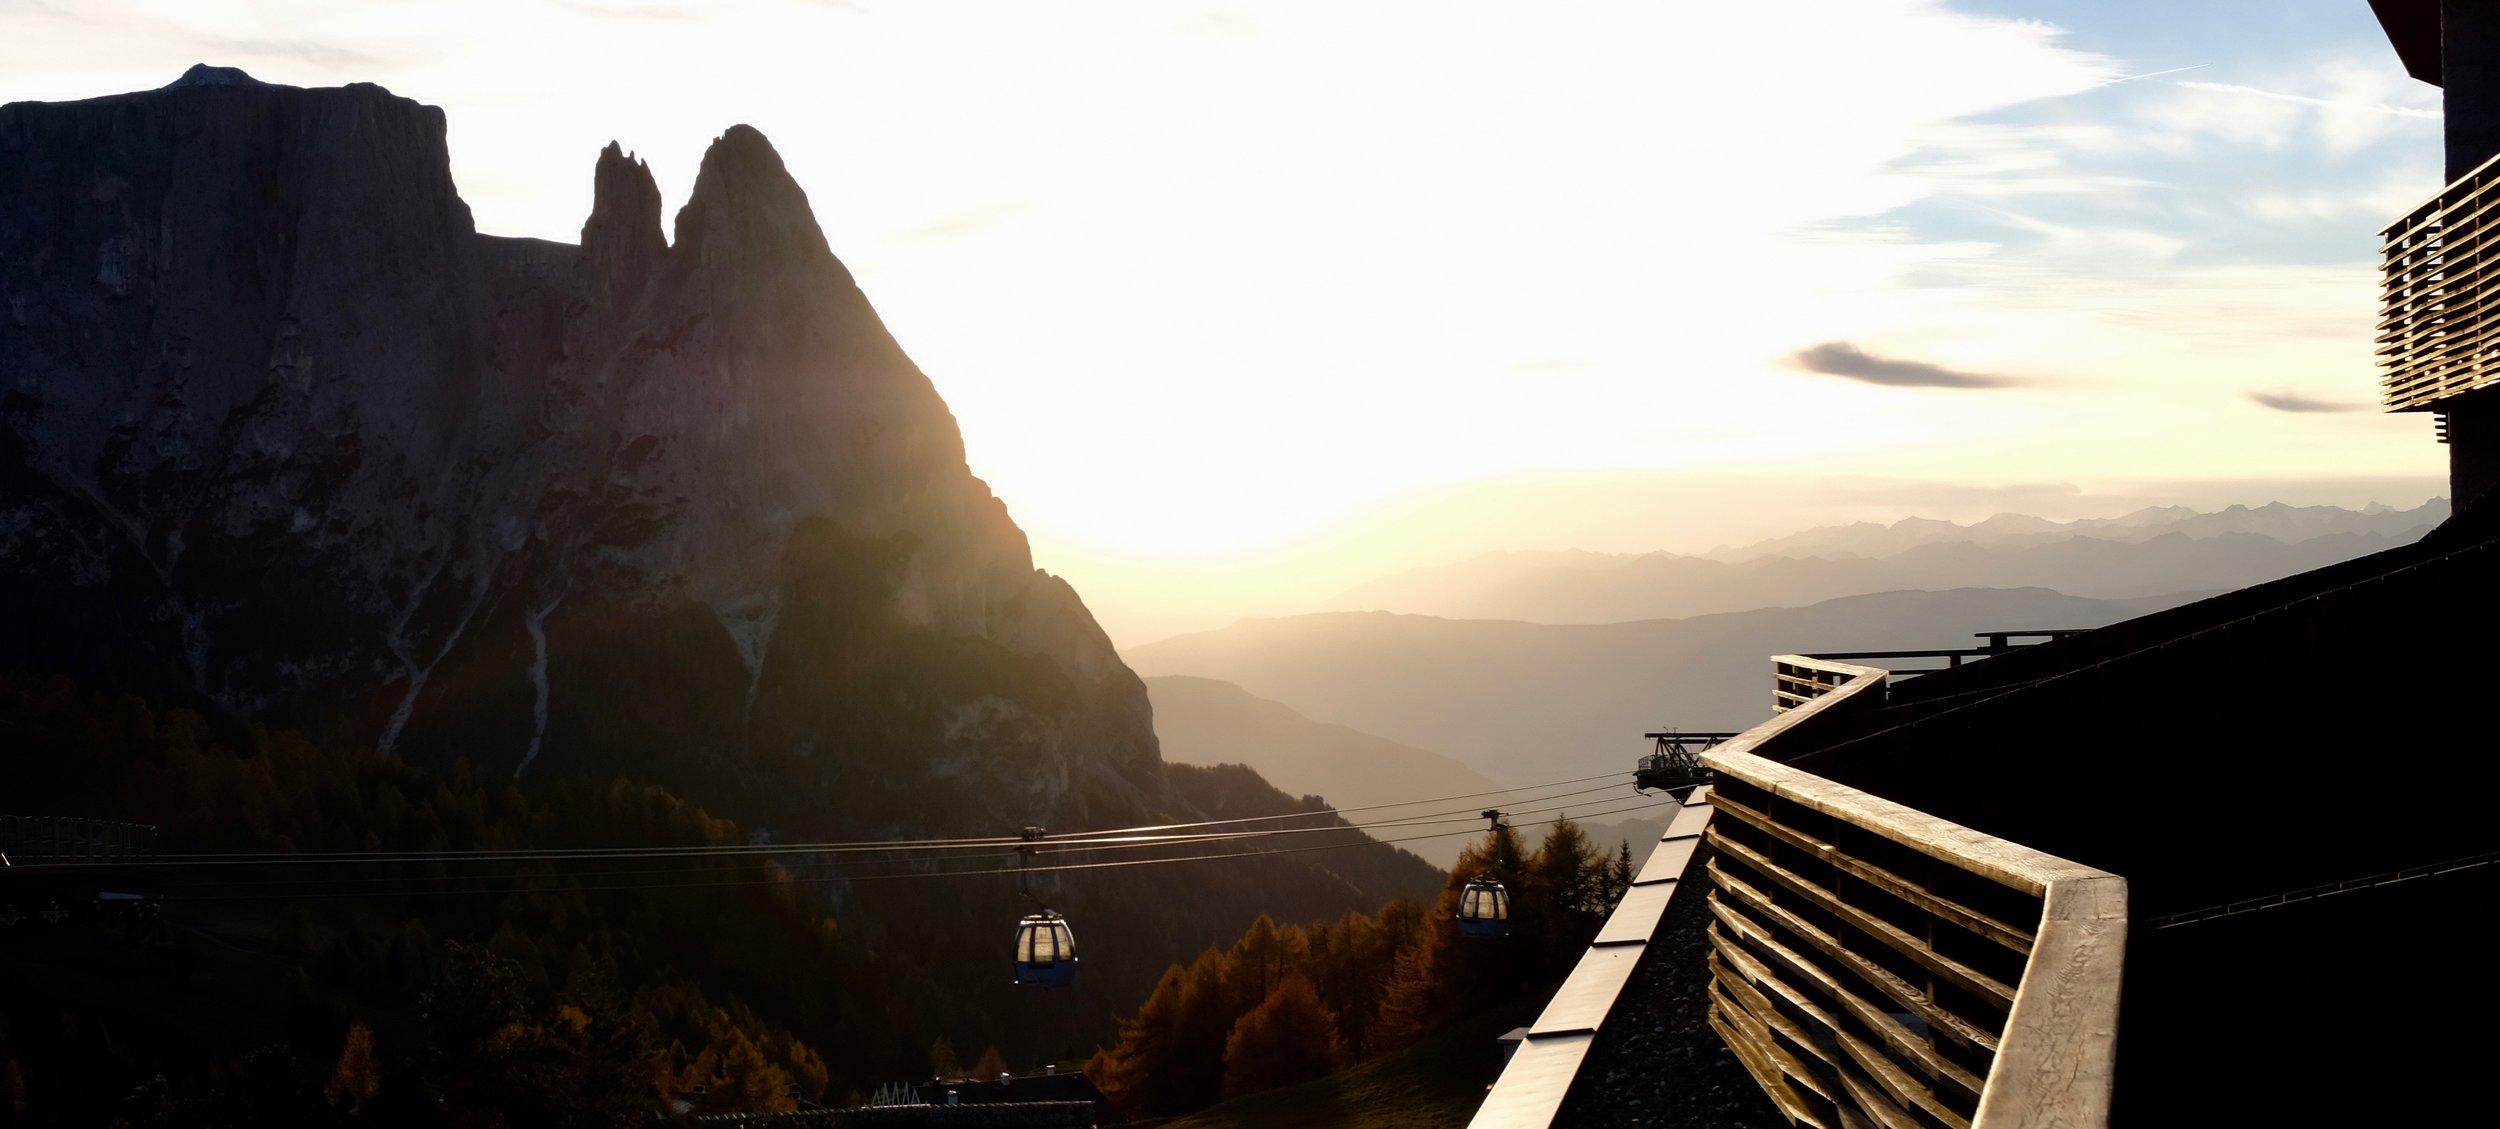 Süd-Tirol Seiser Alm Italien Reise-Tipps für den Herbst Beate Finken BeFifty Blog für Frauen über 40 und ab 50.